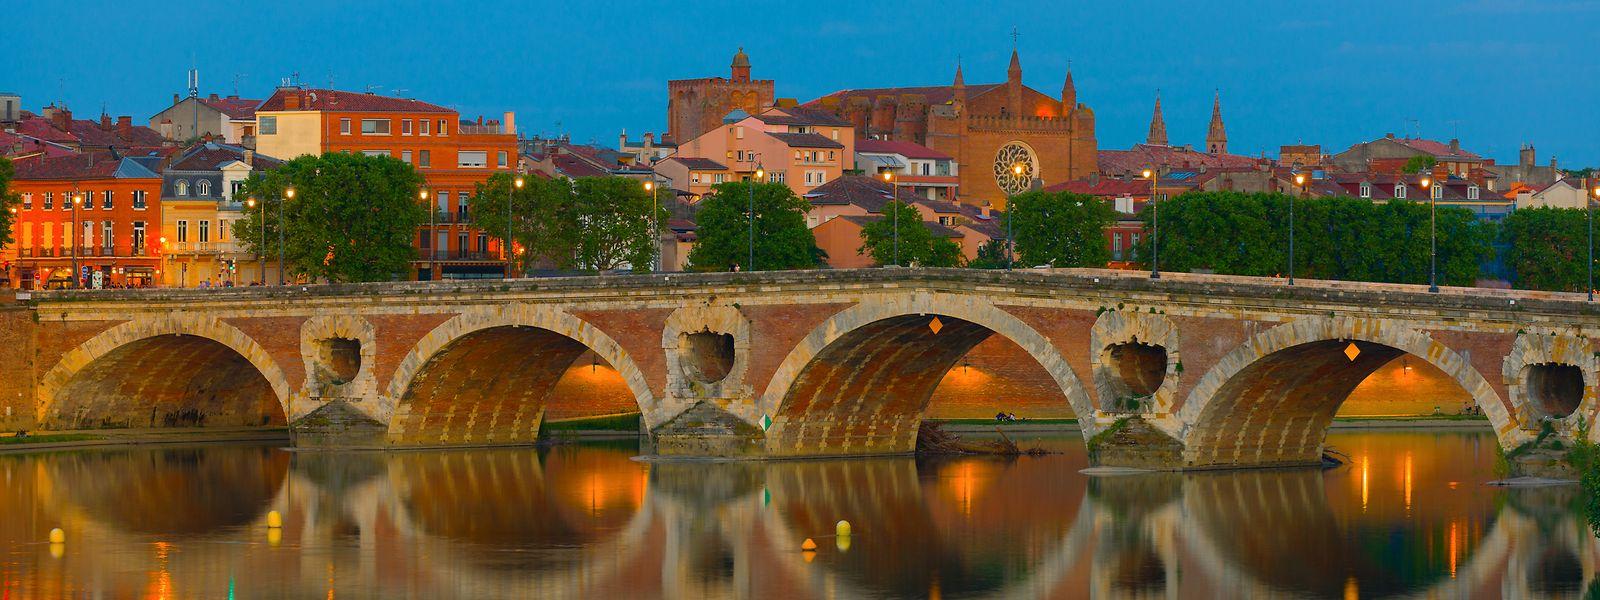 Zwei Symbolfarben auf einmal: Der rosarote Pont Neuf spiegelt sich bei blauem Himmel in der Garonne.